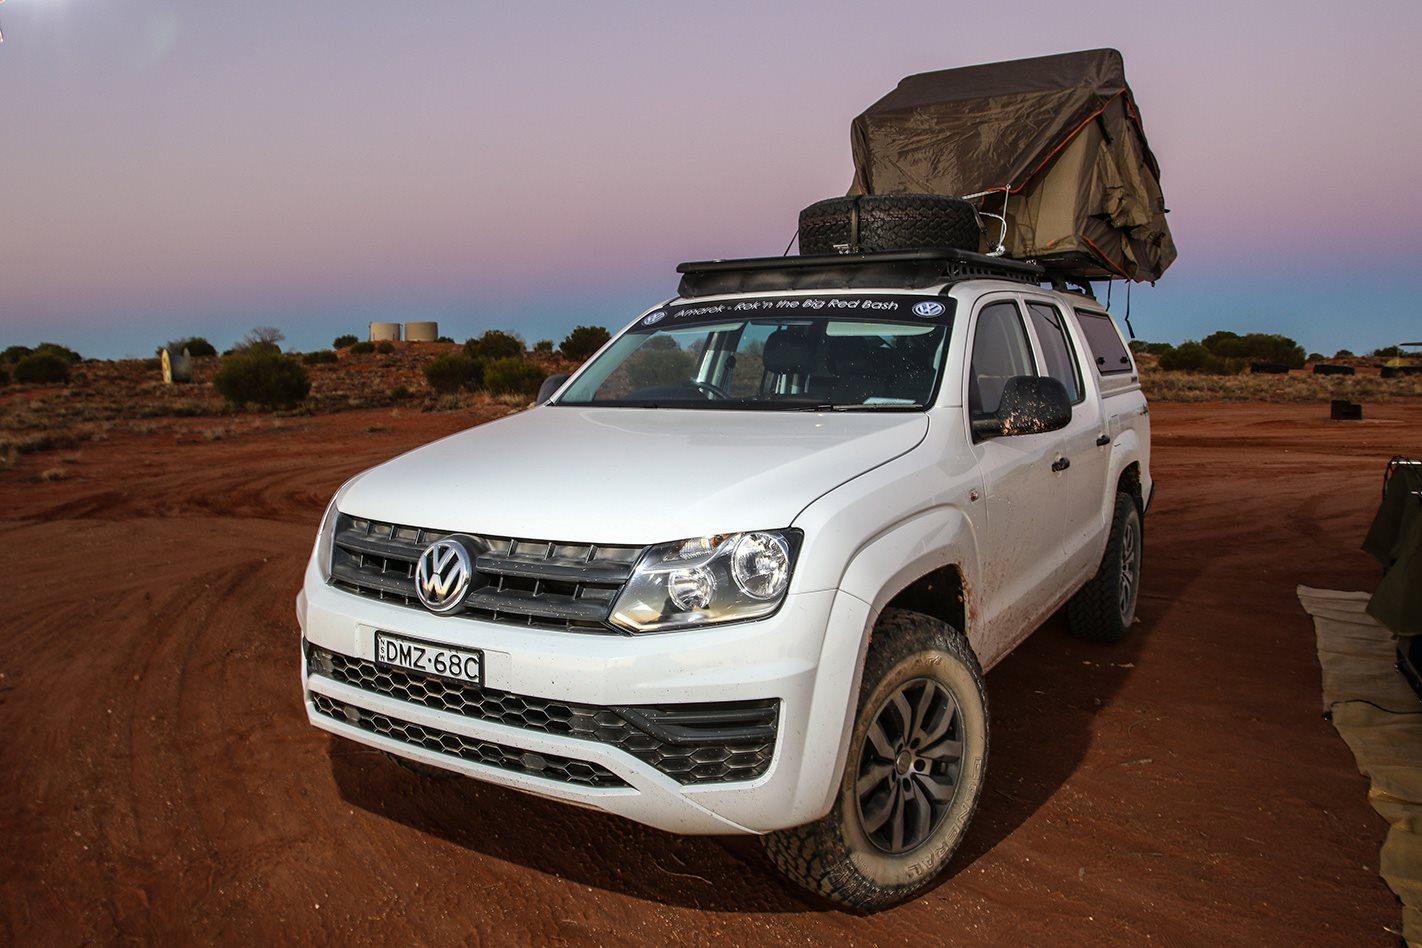 Volkswagen Amarok ARB awning and sand-shovel holder